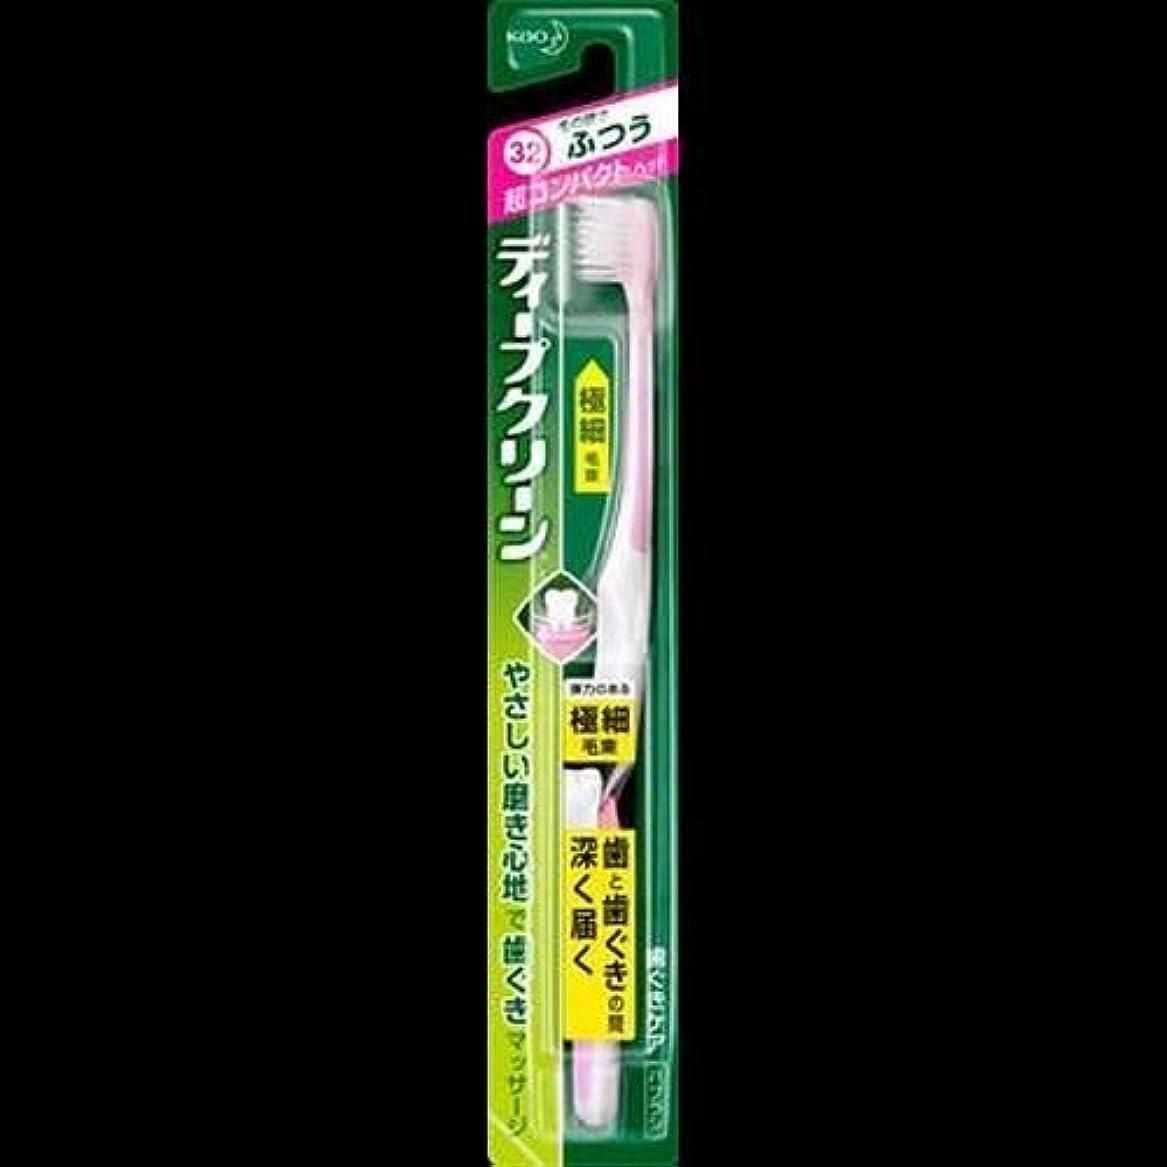 ベリ灌漑平和的【まとめ買い】ディープクリーン ハブラシ 超コンパクト ふつう ×2セット